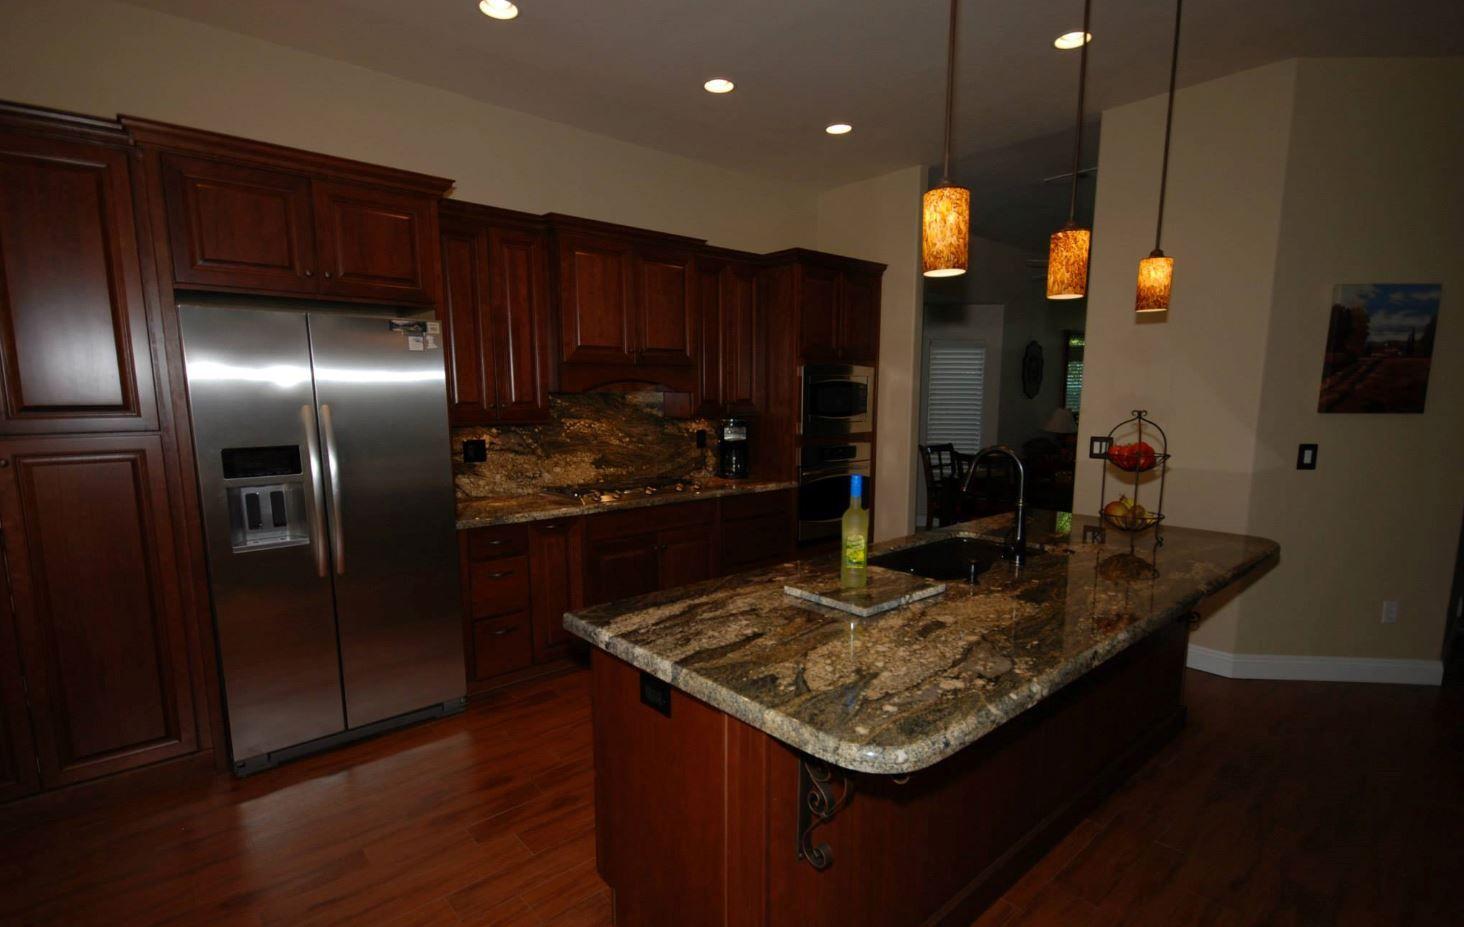 Cardell Cherry Cabinets With Nutmeg Stain And Tiramisu Granite With Waterfall Edge Granite Kitchen Cherry Cabinets Kitchen Cabinets In Bathroom